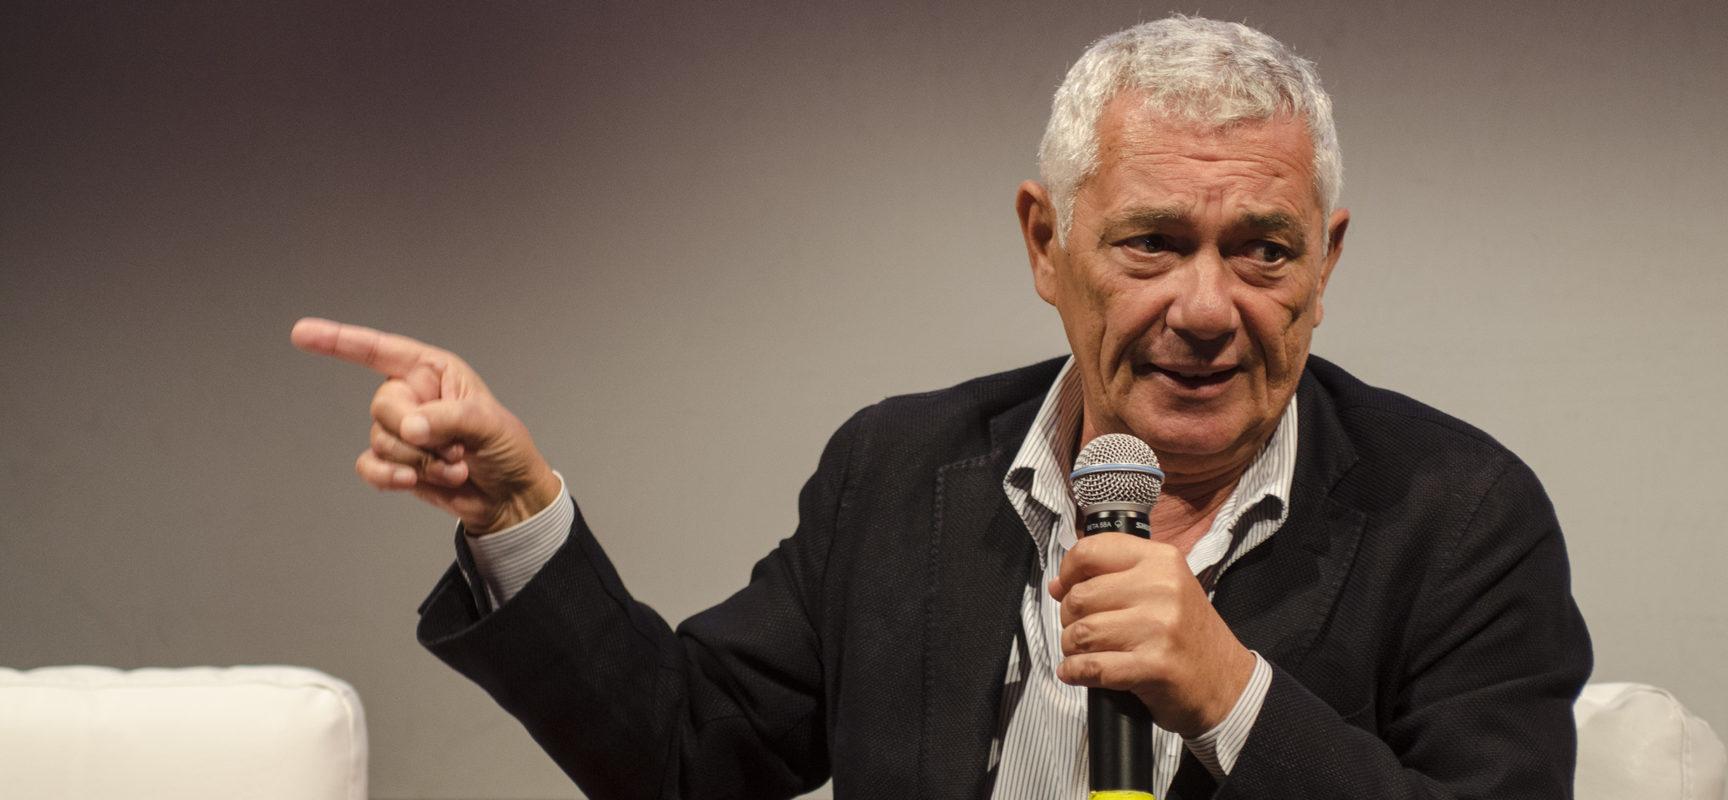 Mafia e politica se ne parla ad Avezzano con il giornalista Attilio Bolzoni